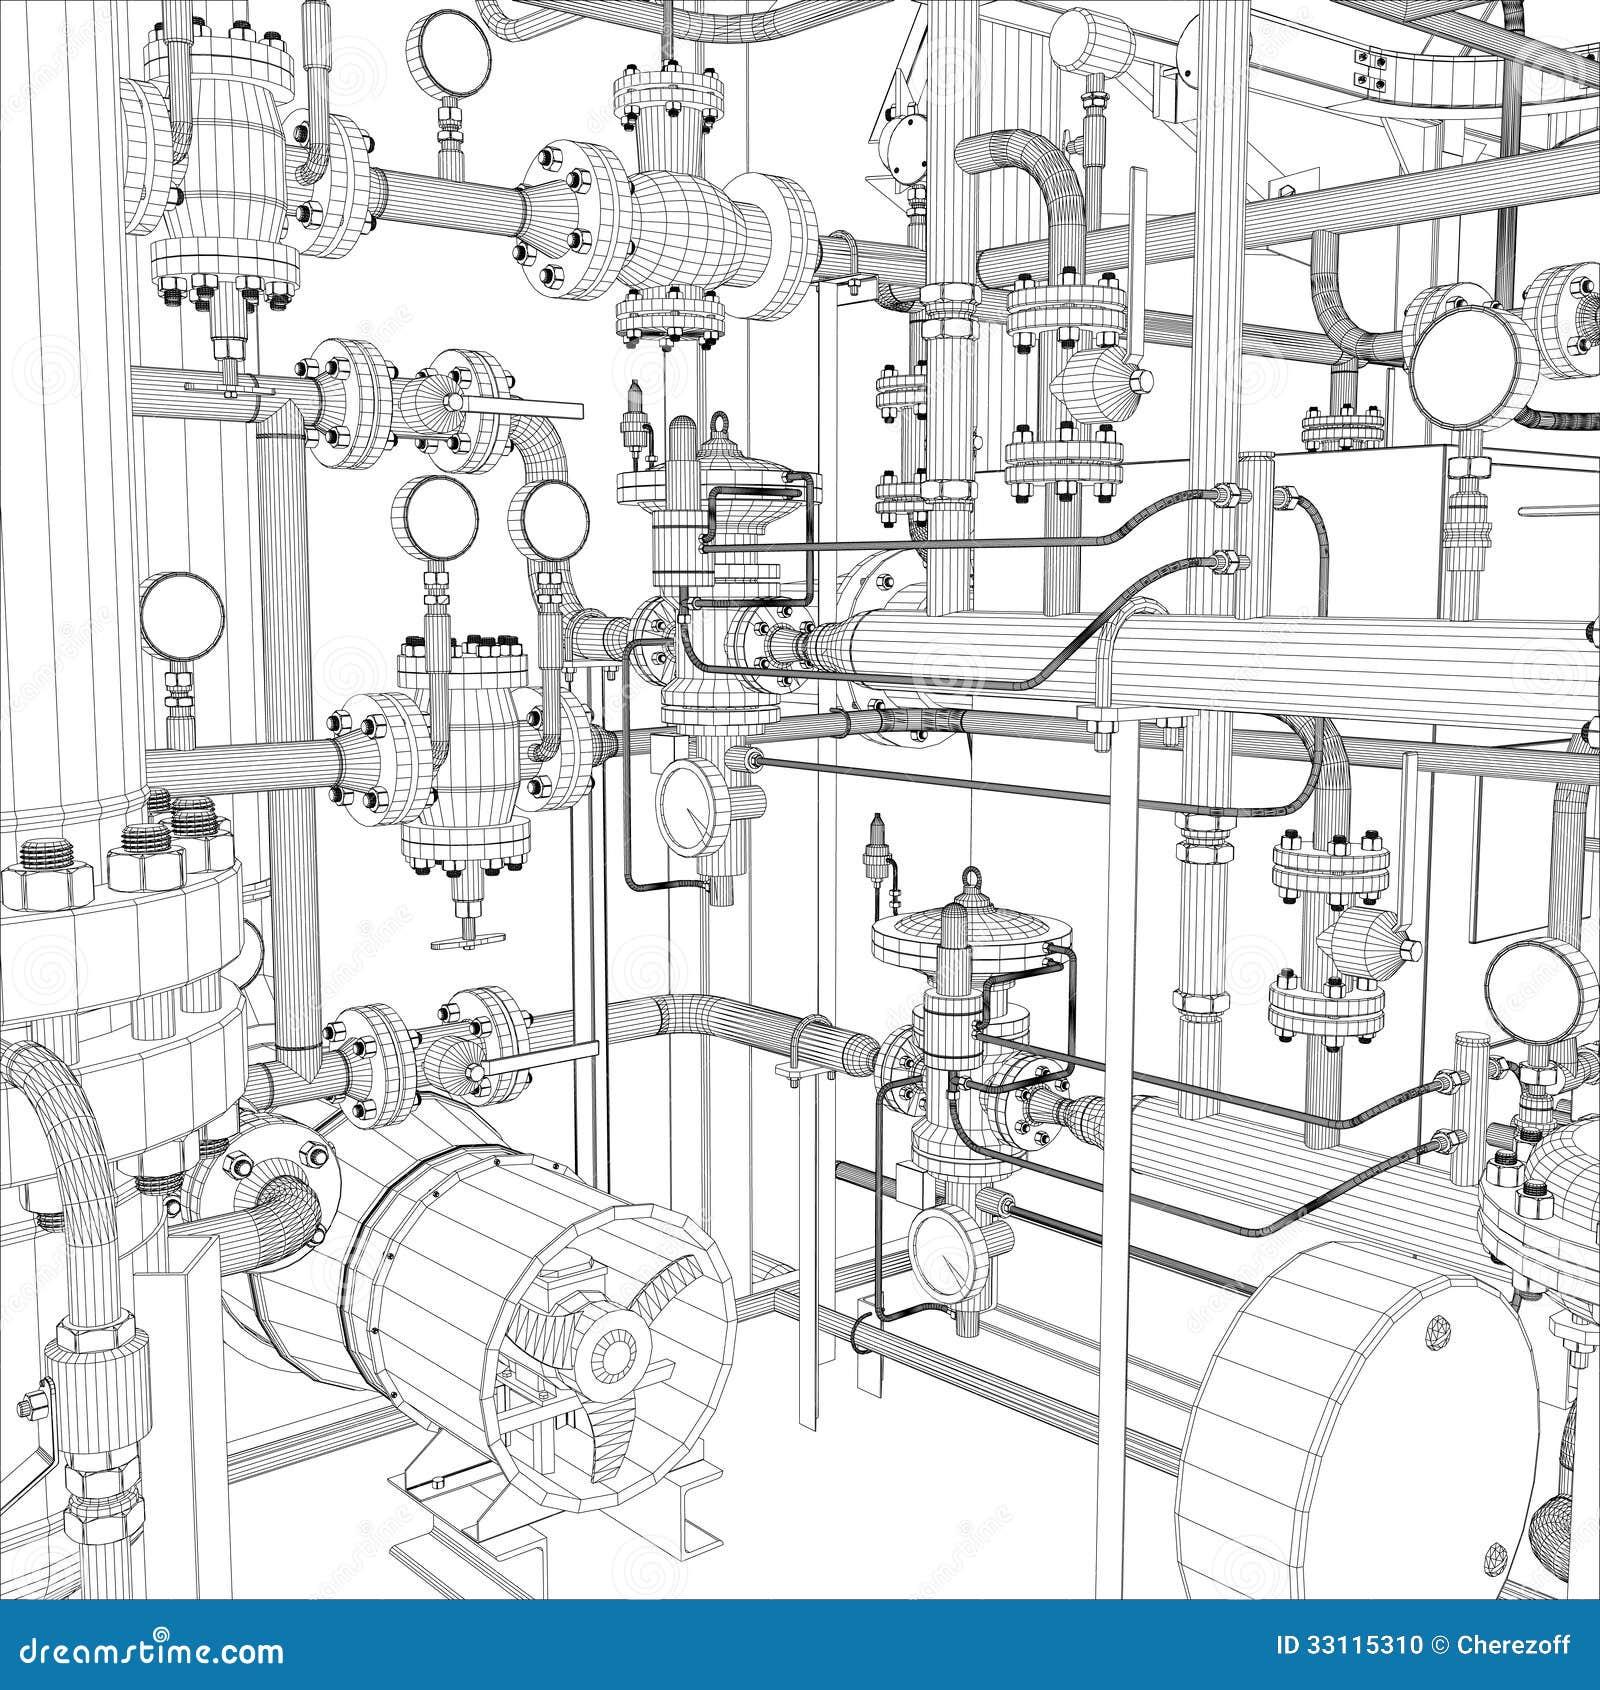 Βιομηχανικός εξοπλισμός. Καλώδιο-πλαίσιο